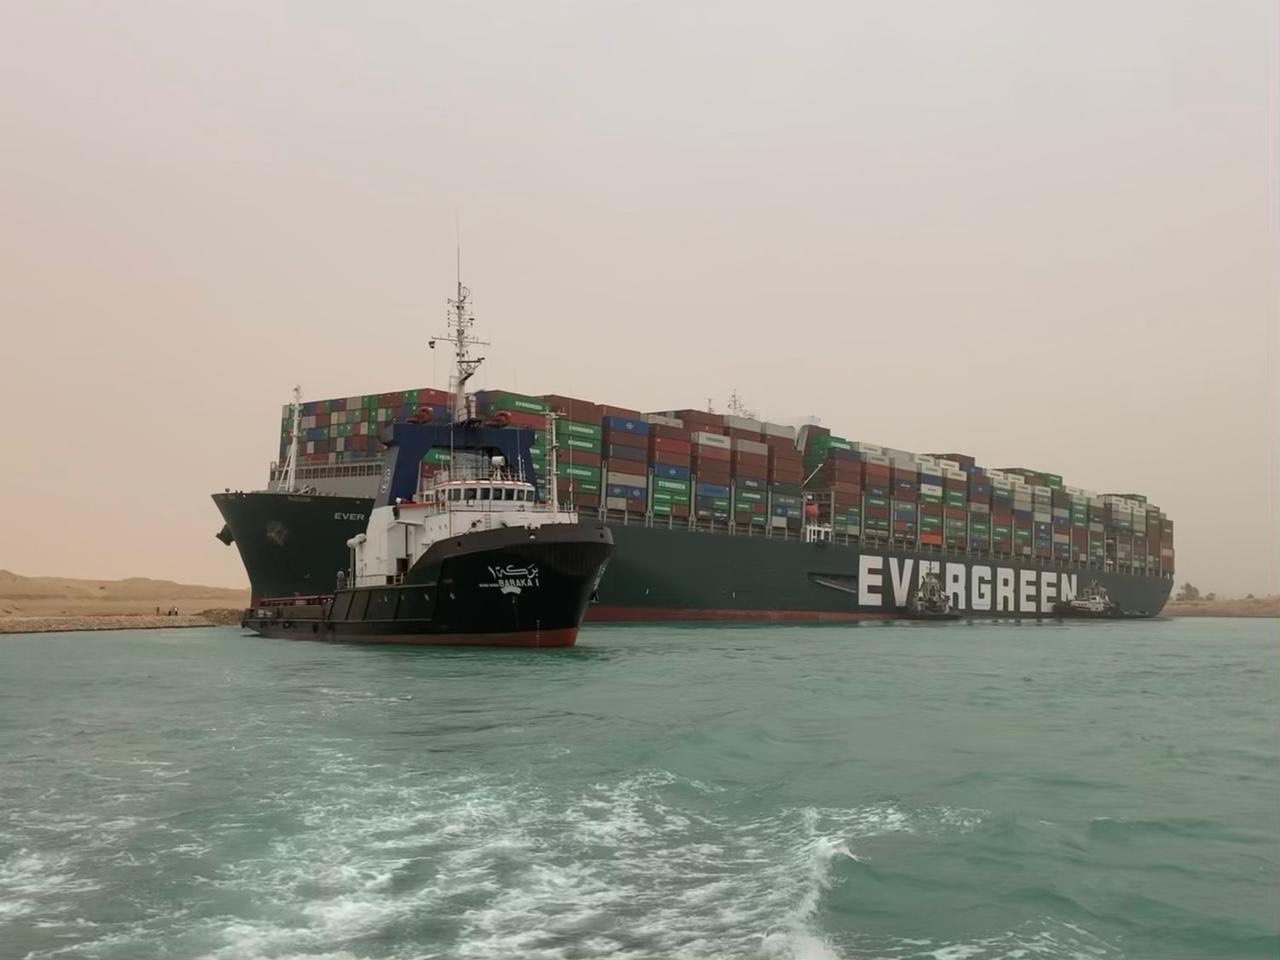 苏伊士运河搁浅船只部分靠岸 业内人士:运河管理局对此类事故有预案